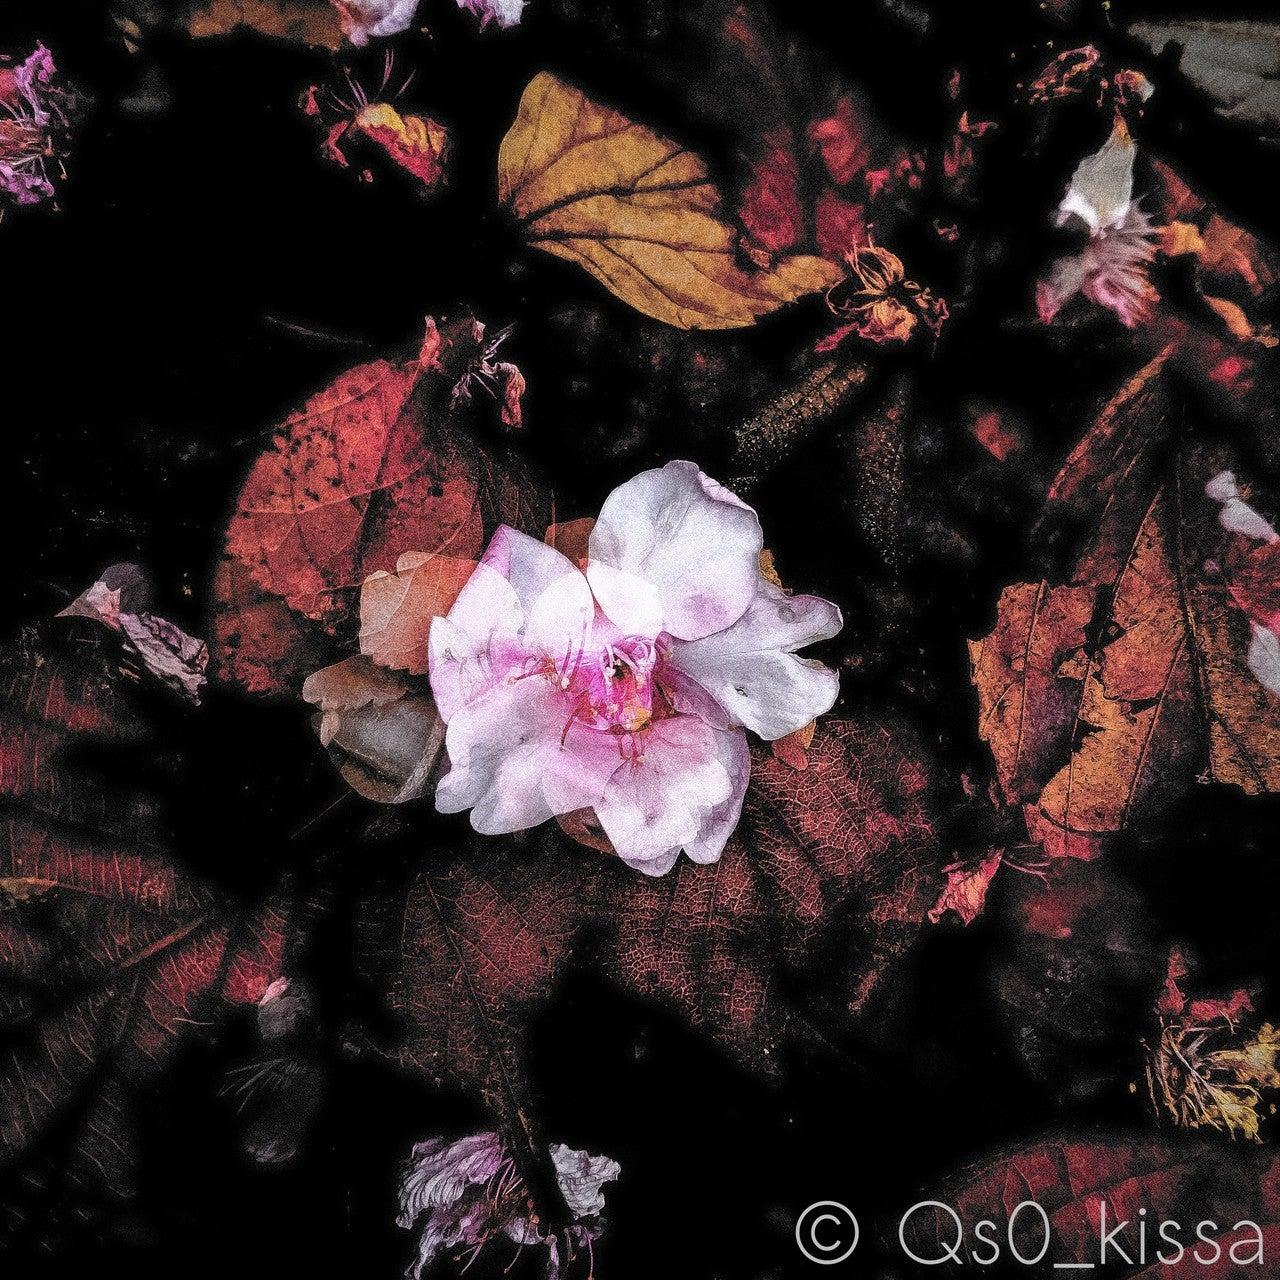 に しま けり 色 ながめ な いた に ふる 世に せ に うつり づら 花 わが身 は の